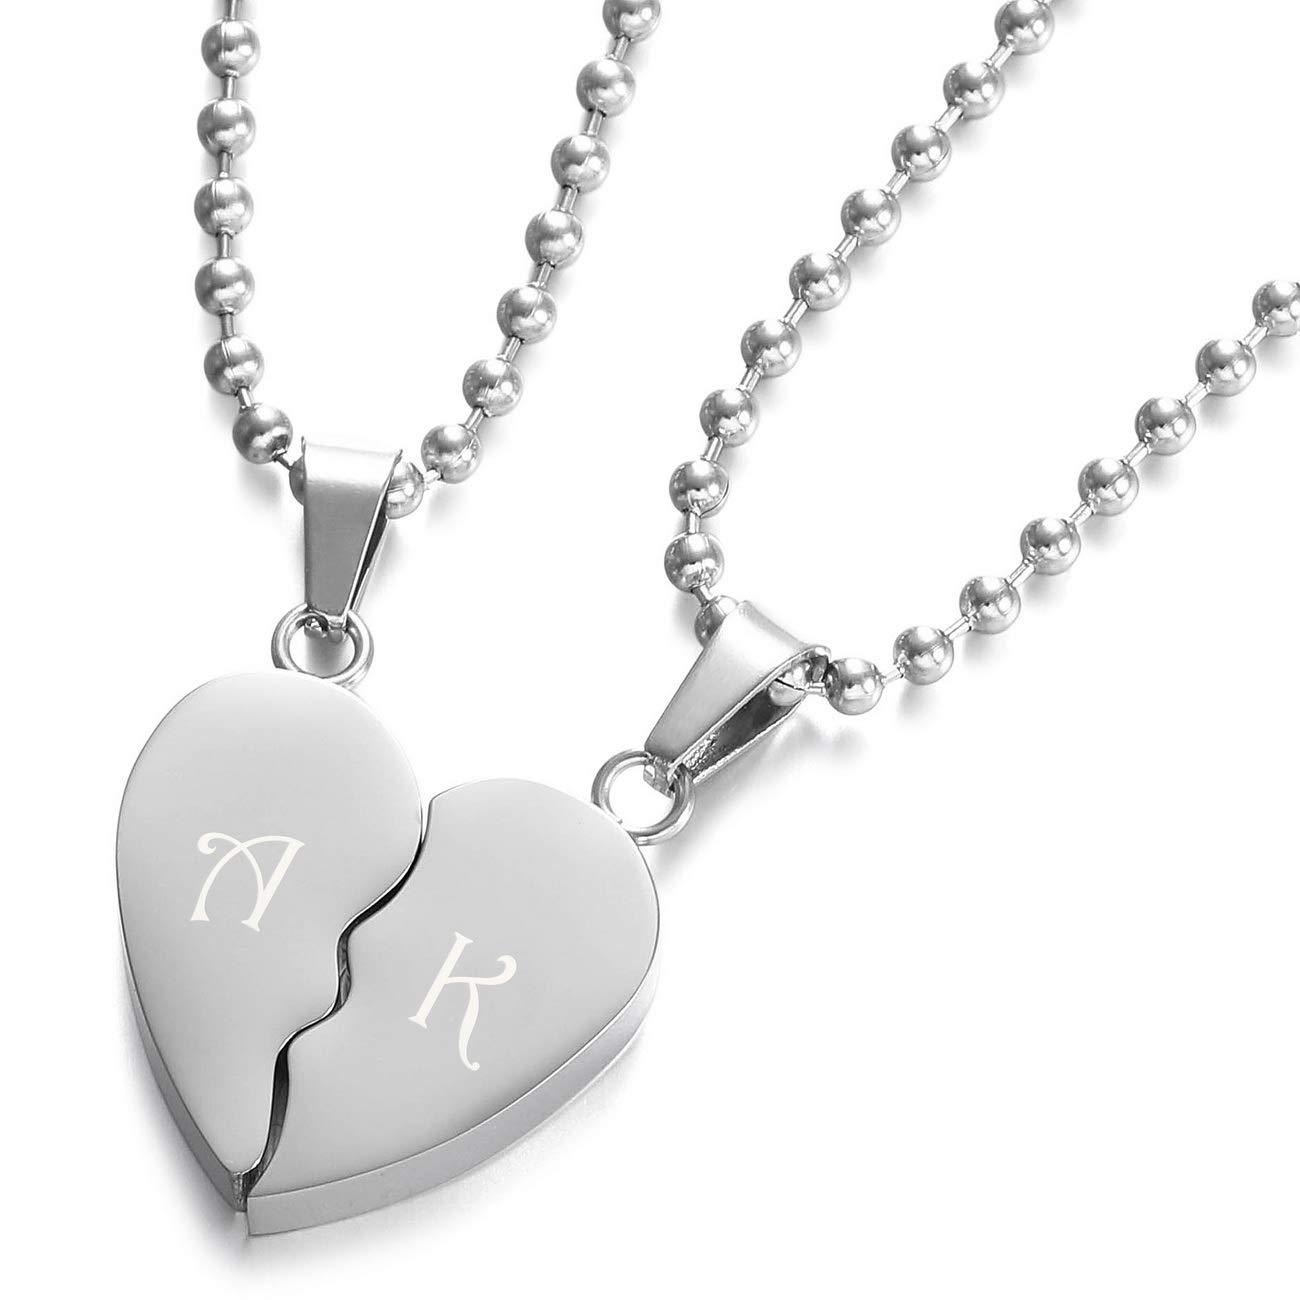 f7f4c7a5721b MeMeDIY 2 Pièce Ton d argent Acier Inoxydable Pendentif Collier Combiné Coeur  Cœur Couple Amour Amoureux Série,50cm   58cm chaîne - Gravure  personnalisée  ...